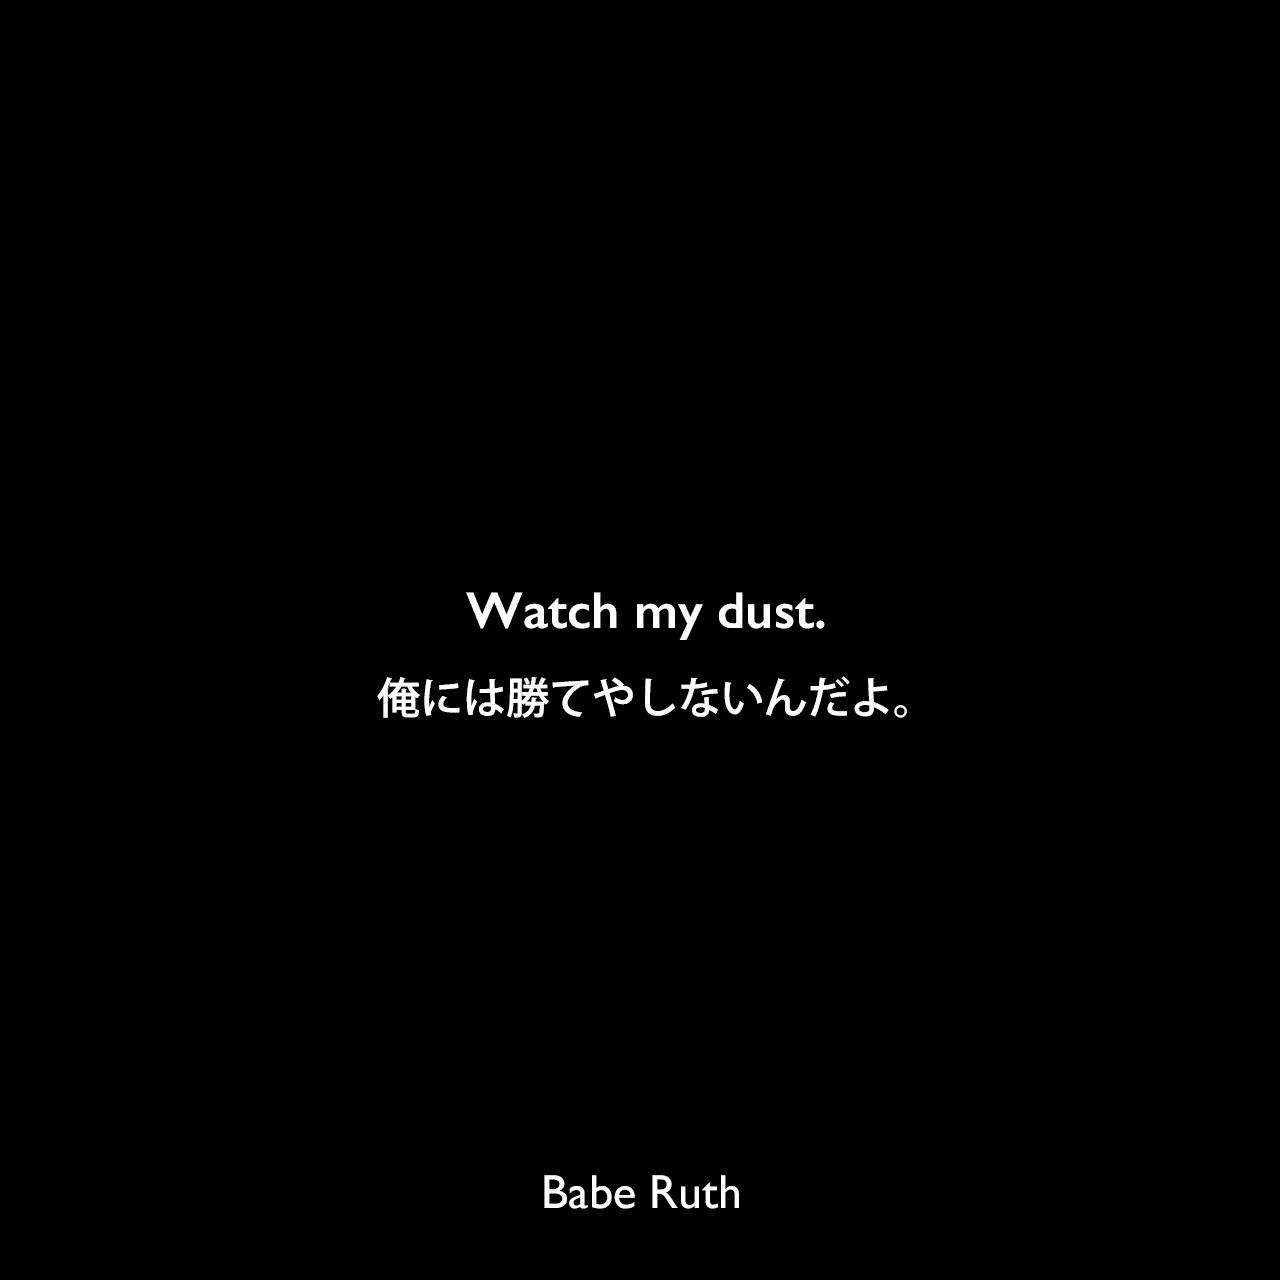 Watch my dust.俺には勝てやしないんだよ。Babe Ruth